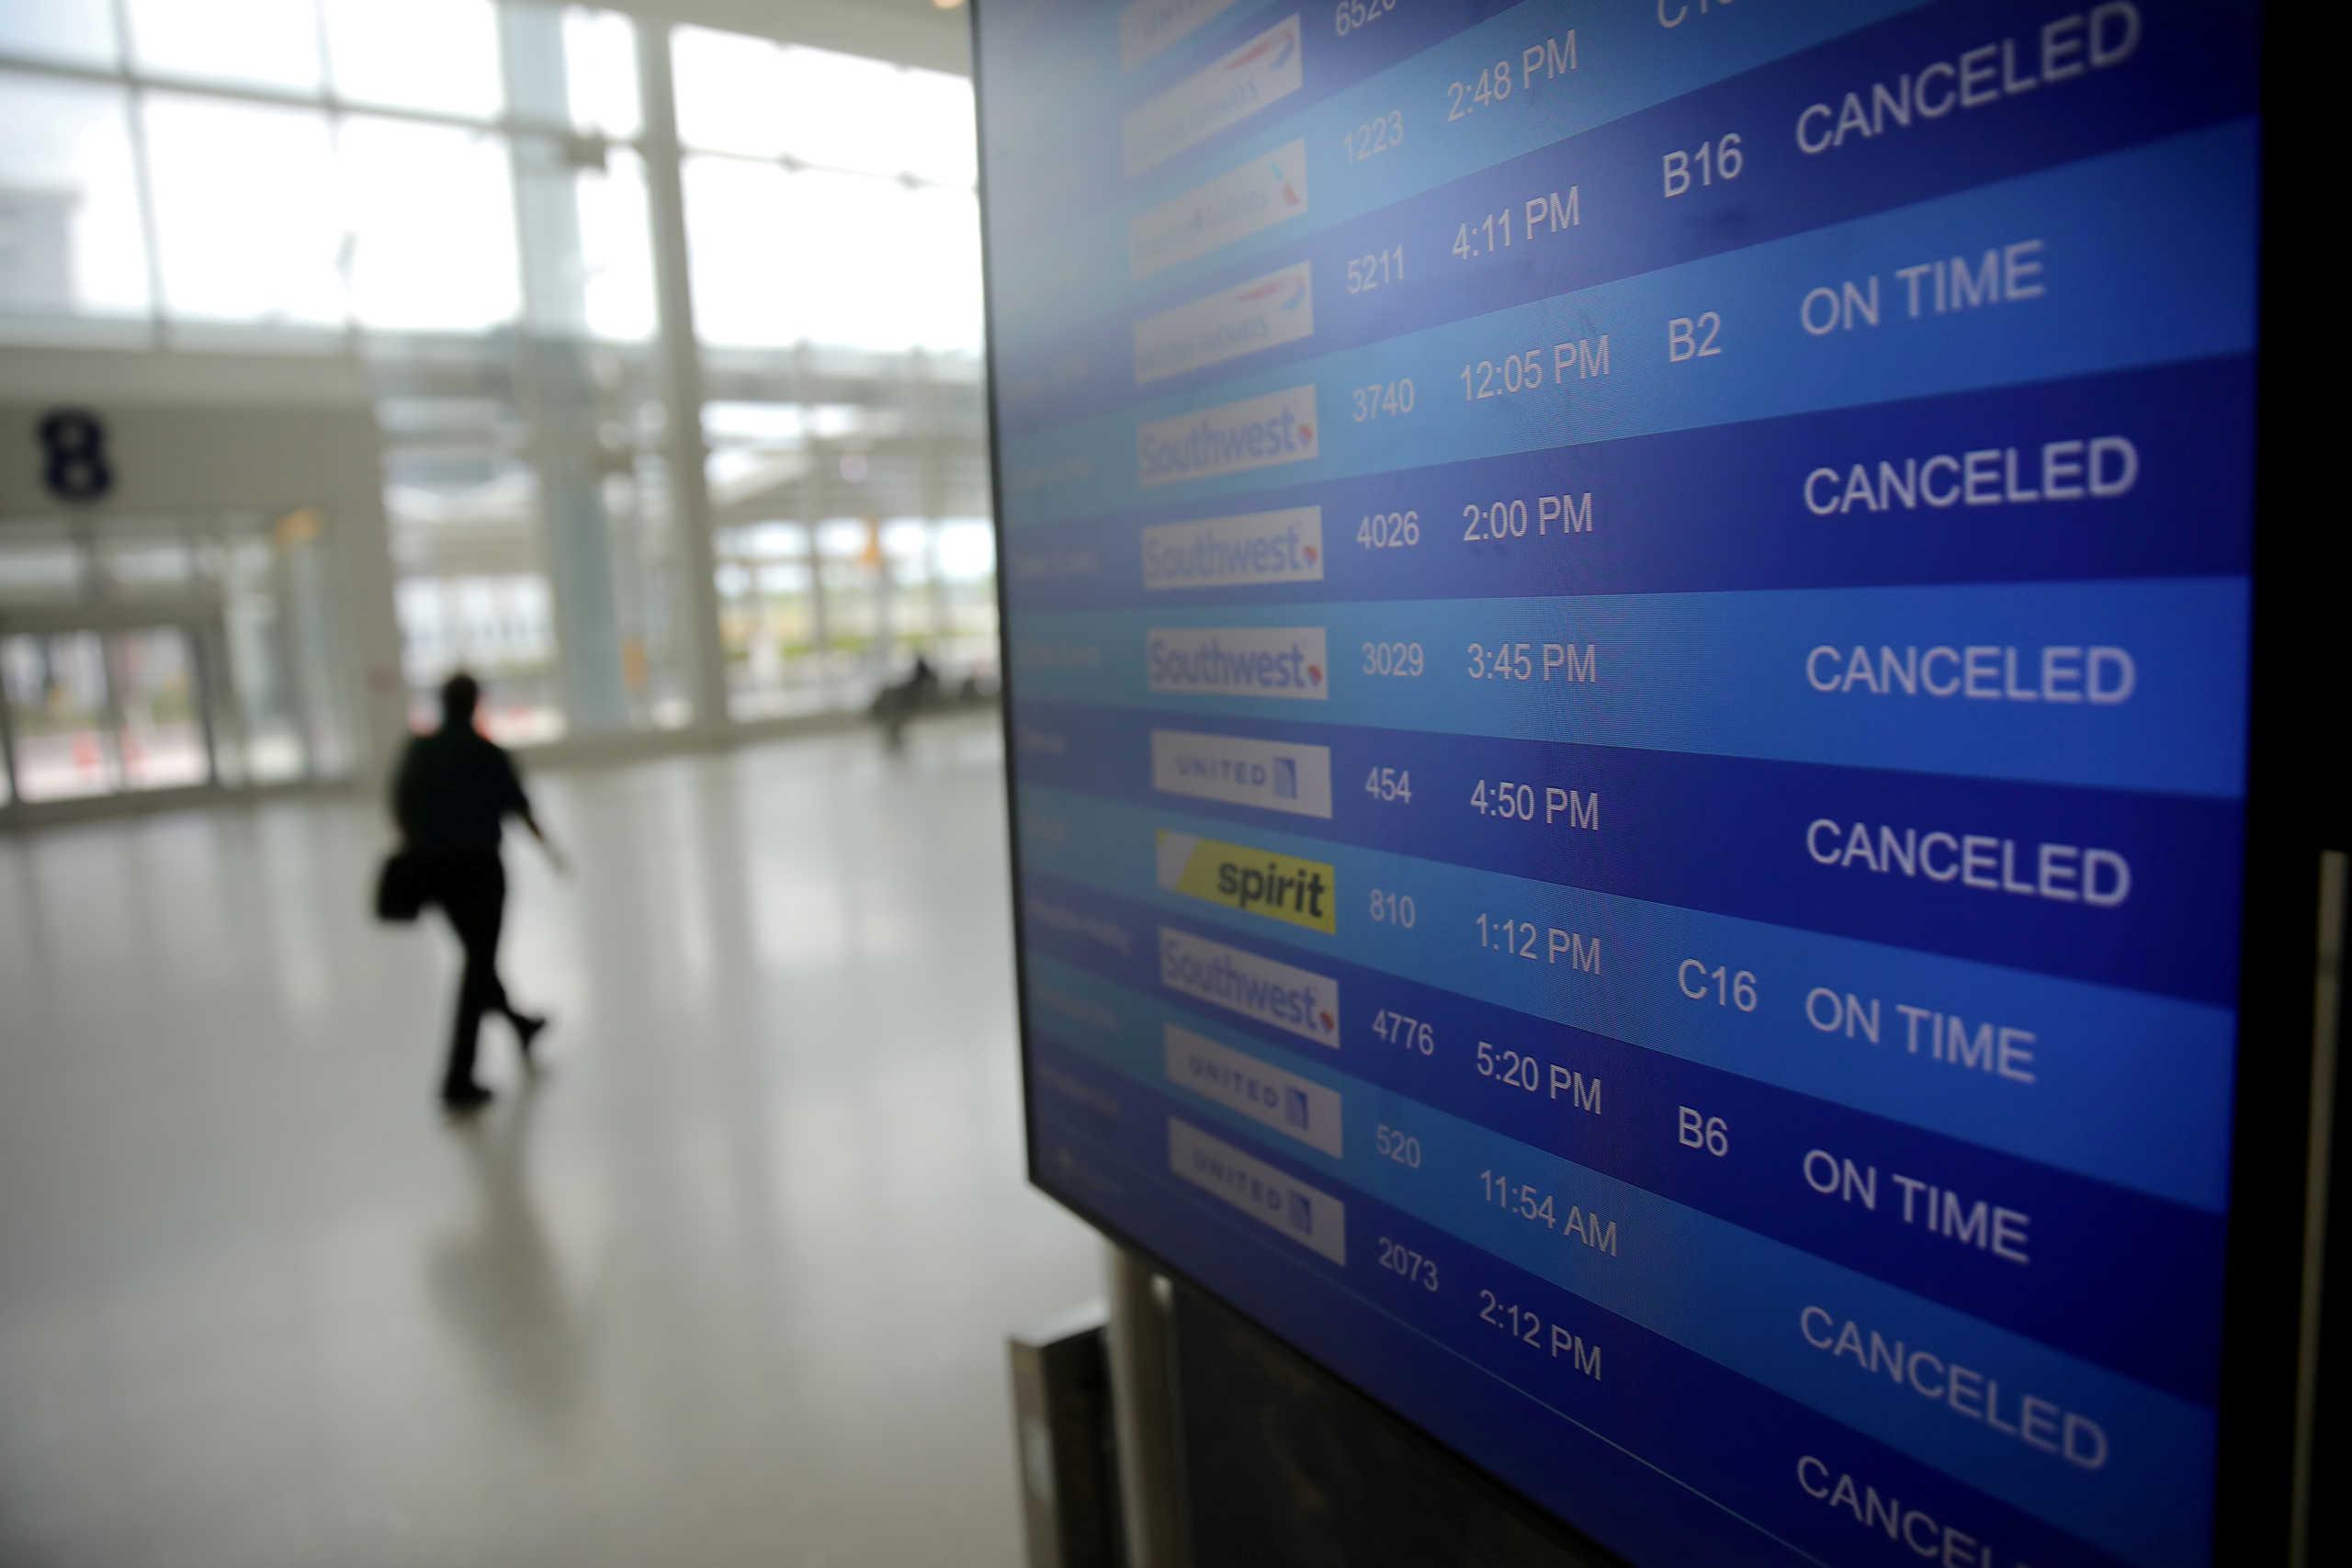 ΙΑΤΑ: Ζημιά 314 δισ. δολάρια στις αεροπορικές εταιρείες από την πανδημία